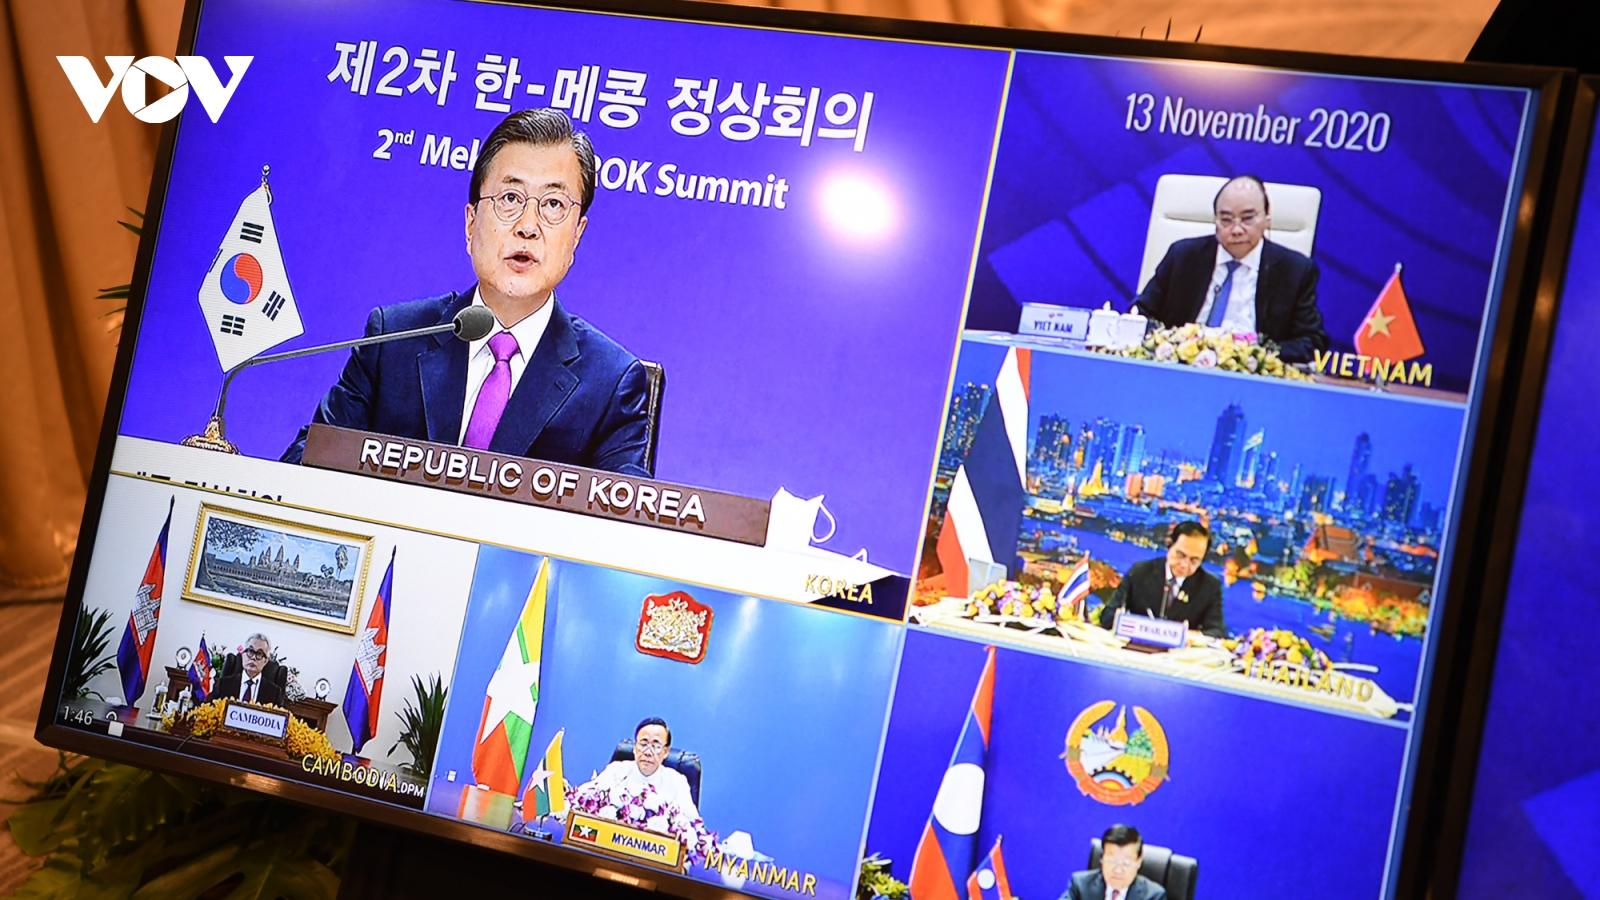 Hợp tác Mekong-Hàn Quốc phát triển mạnh mẽ cả về chiều rộng và chiều sâu